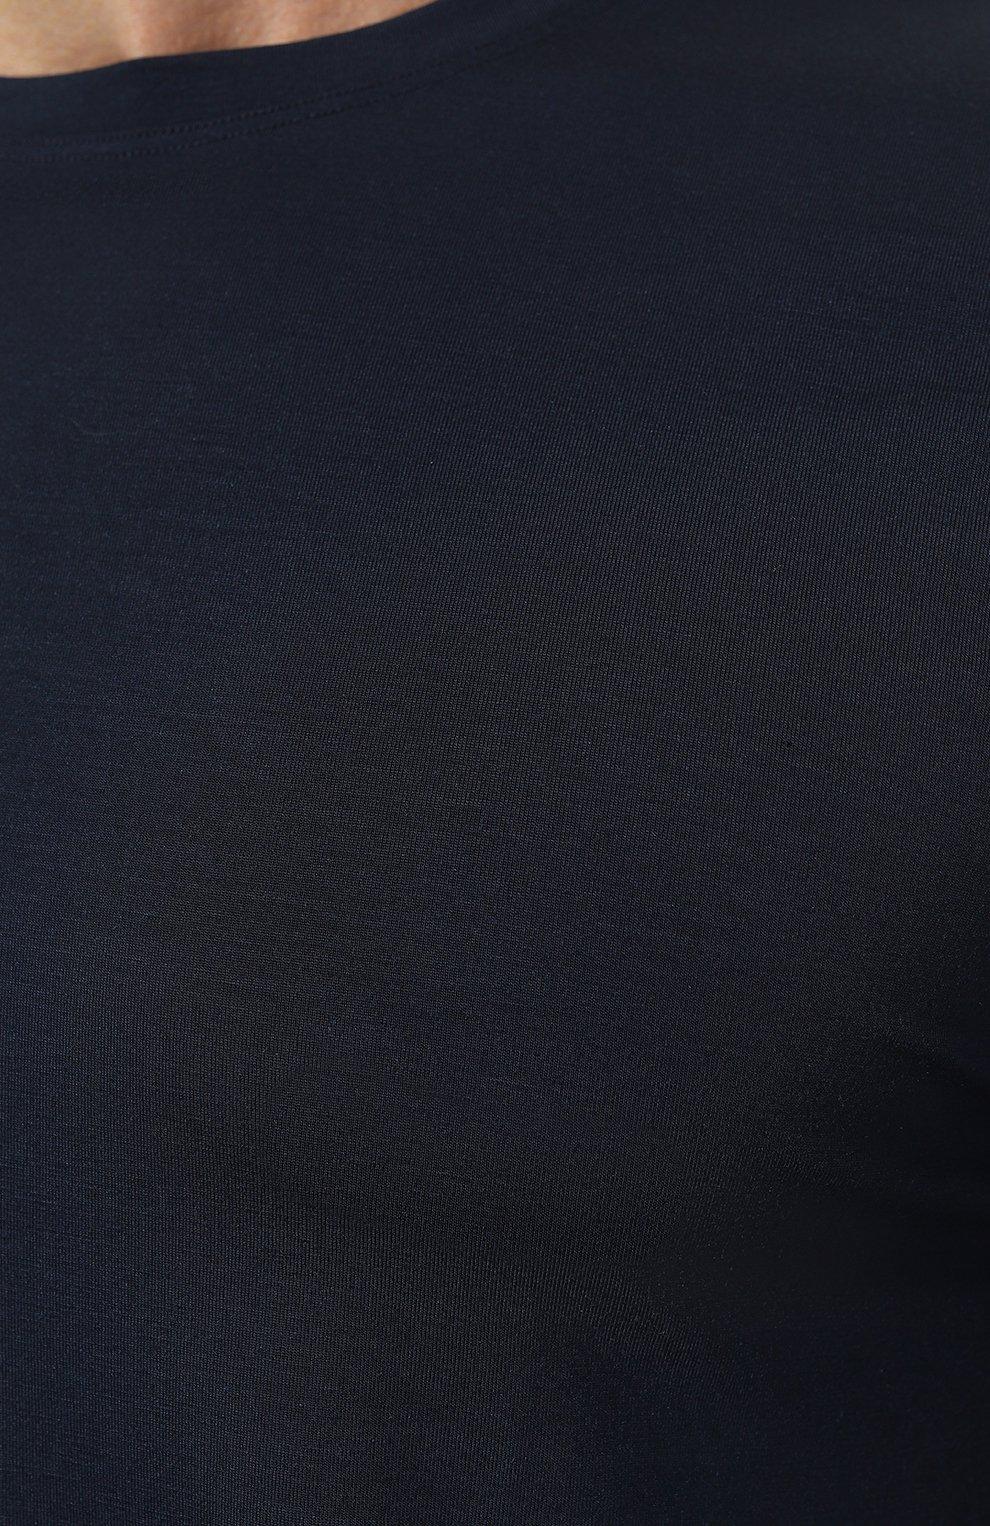 Мужская футболка DEREK ROSE синего цвета, арт. 3048-BASE001   Фото 5 (Кросс-КТ: домашняя одежда; Рукава: Короткие; Материал внешний: Синтетический материал; Длина (для топов): Стандартные; Мужское Кросс-КТ: Футболка-белье)